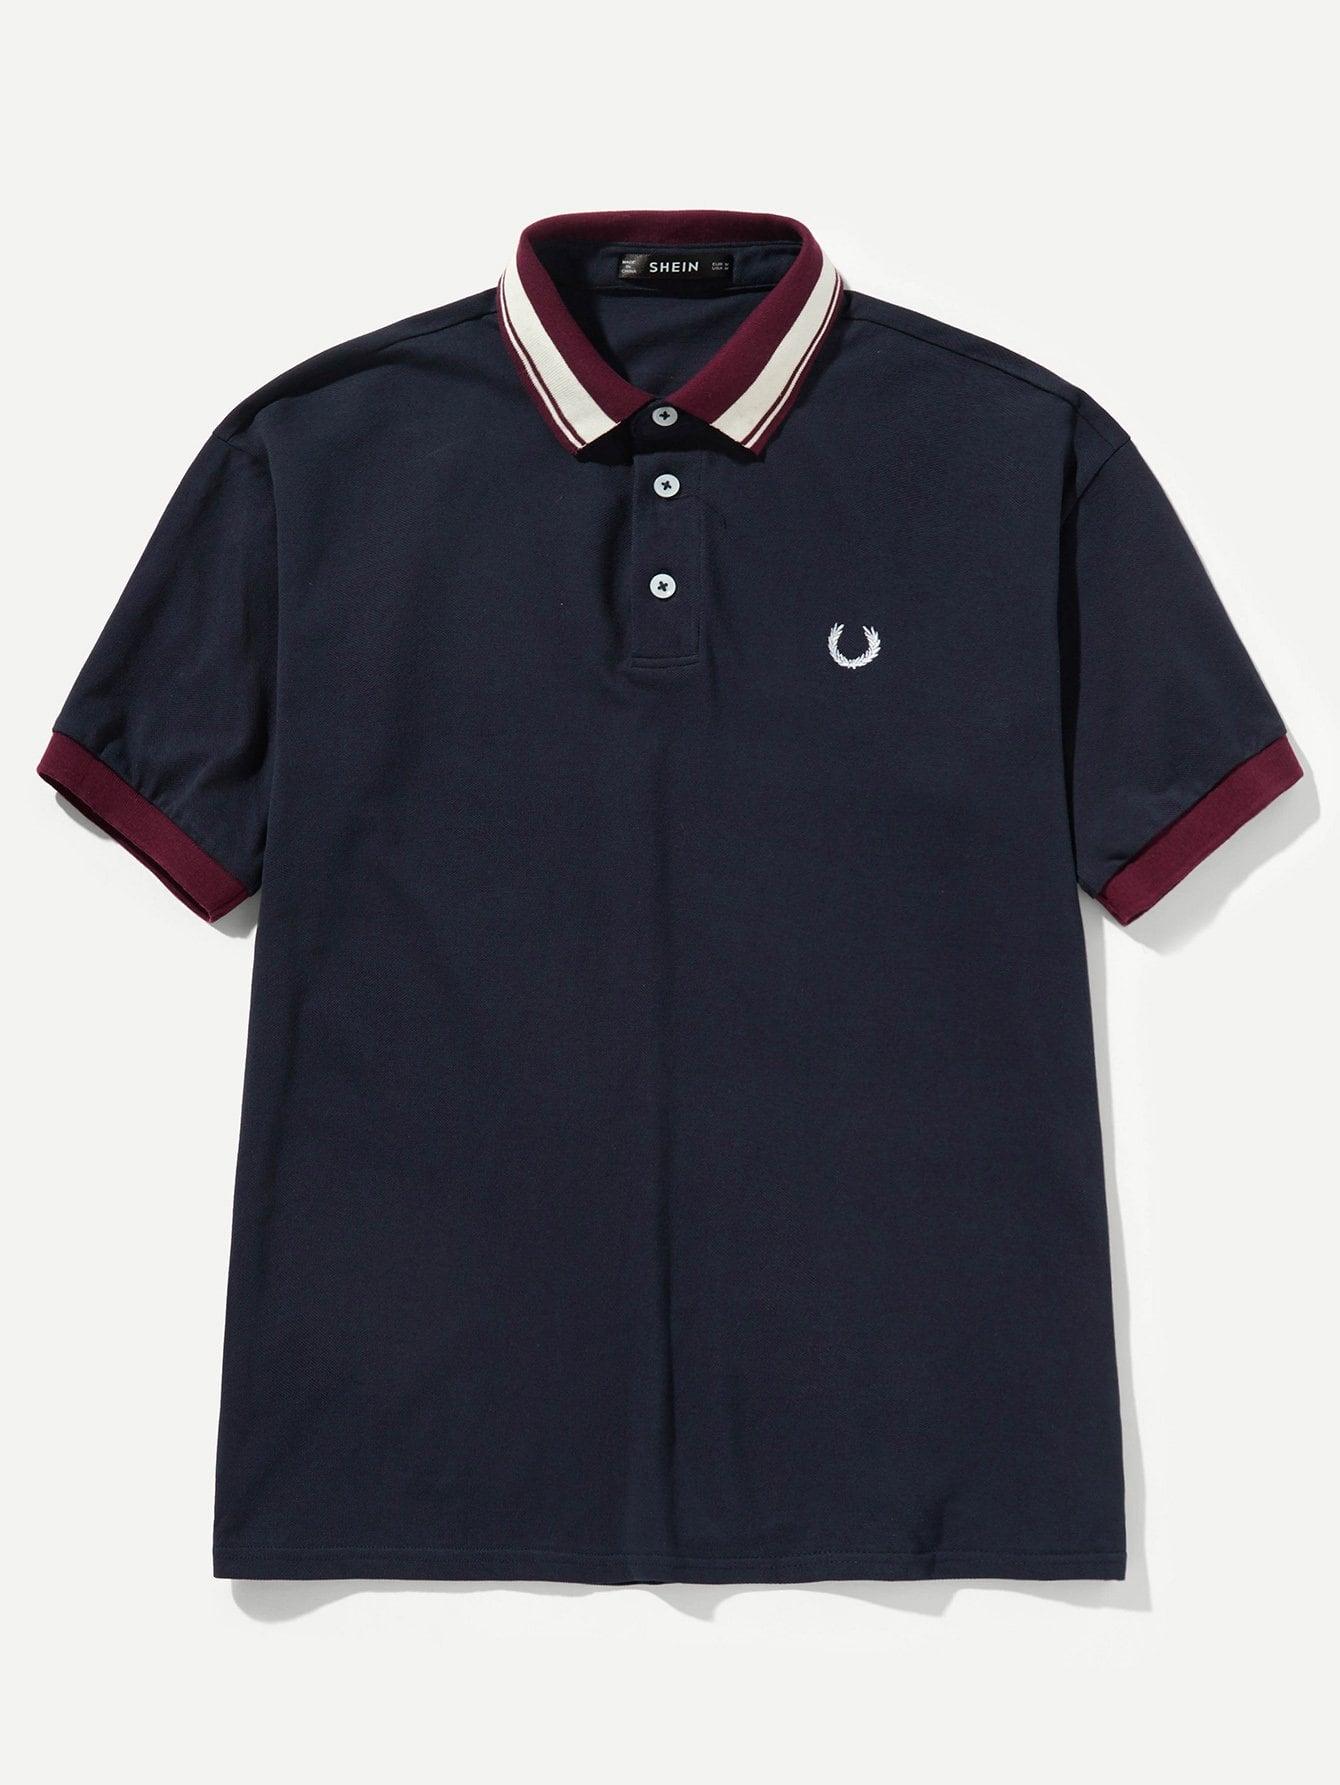 Купить Поло футболка с полосатыми оторочками для мужчины, null, SheIn